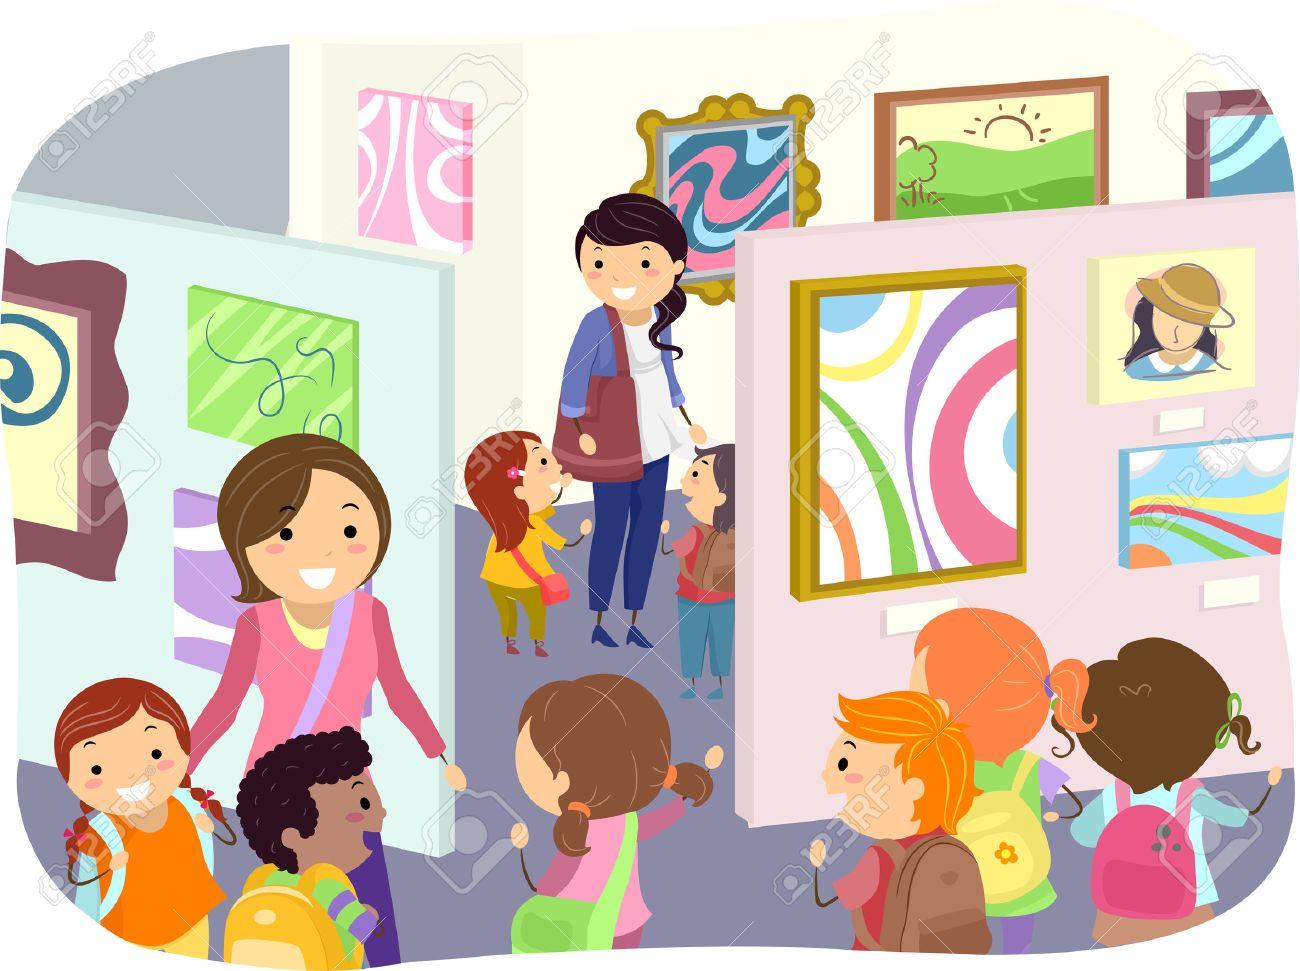 子供たちの絵画の芸術の展示物のチェックのイラスト ロイヤリティ